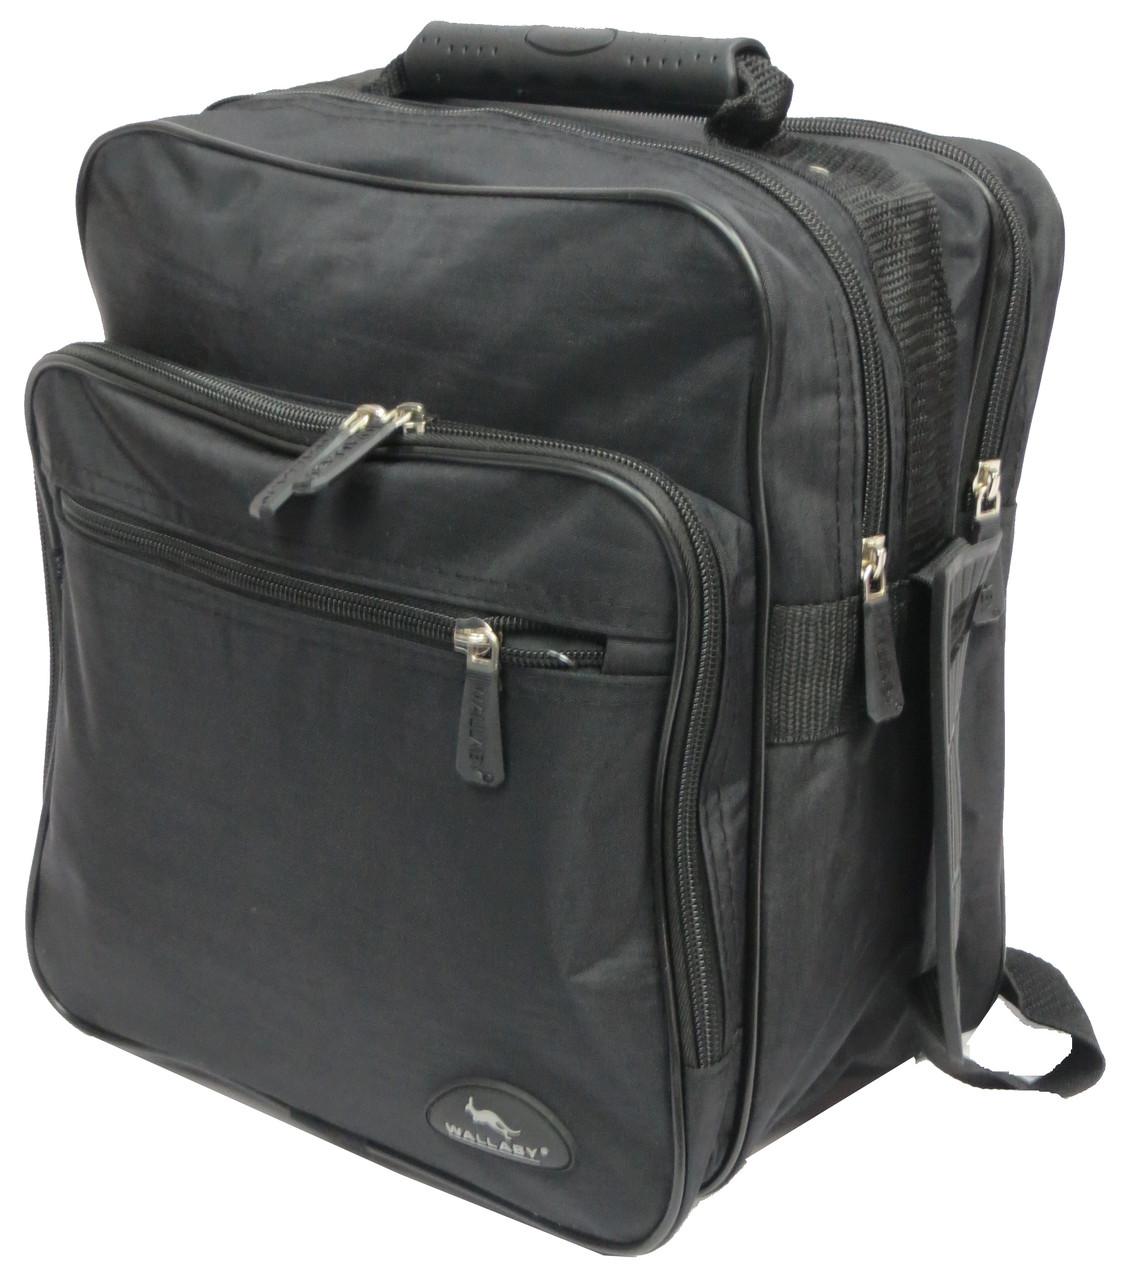 47034e541a36 Мужская сумка-барсктка для города Wallaby 2437 черный — только ...